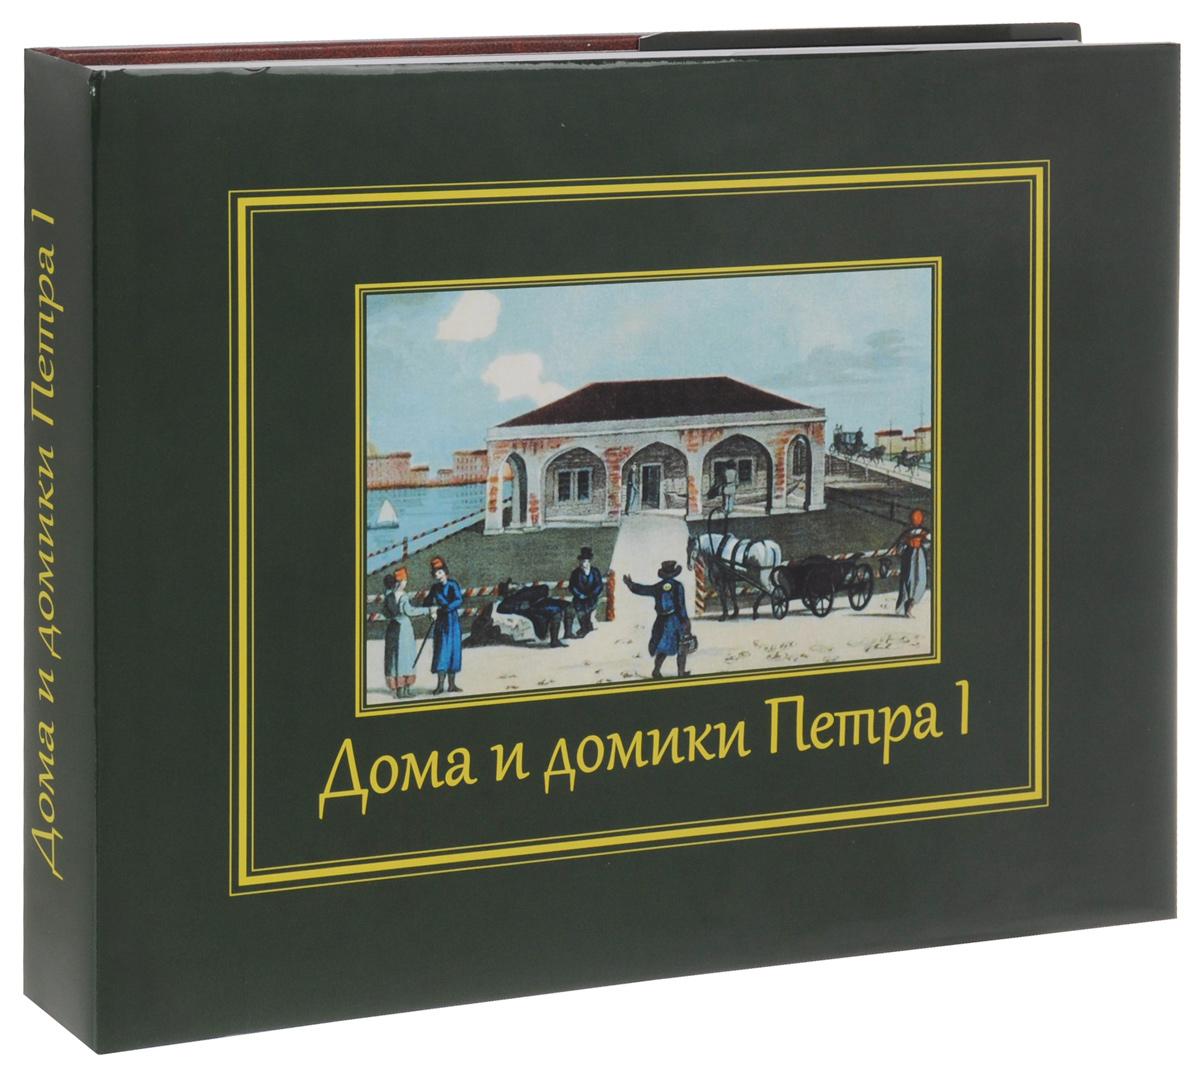 Дома и домики Петра I